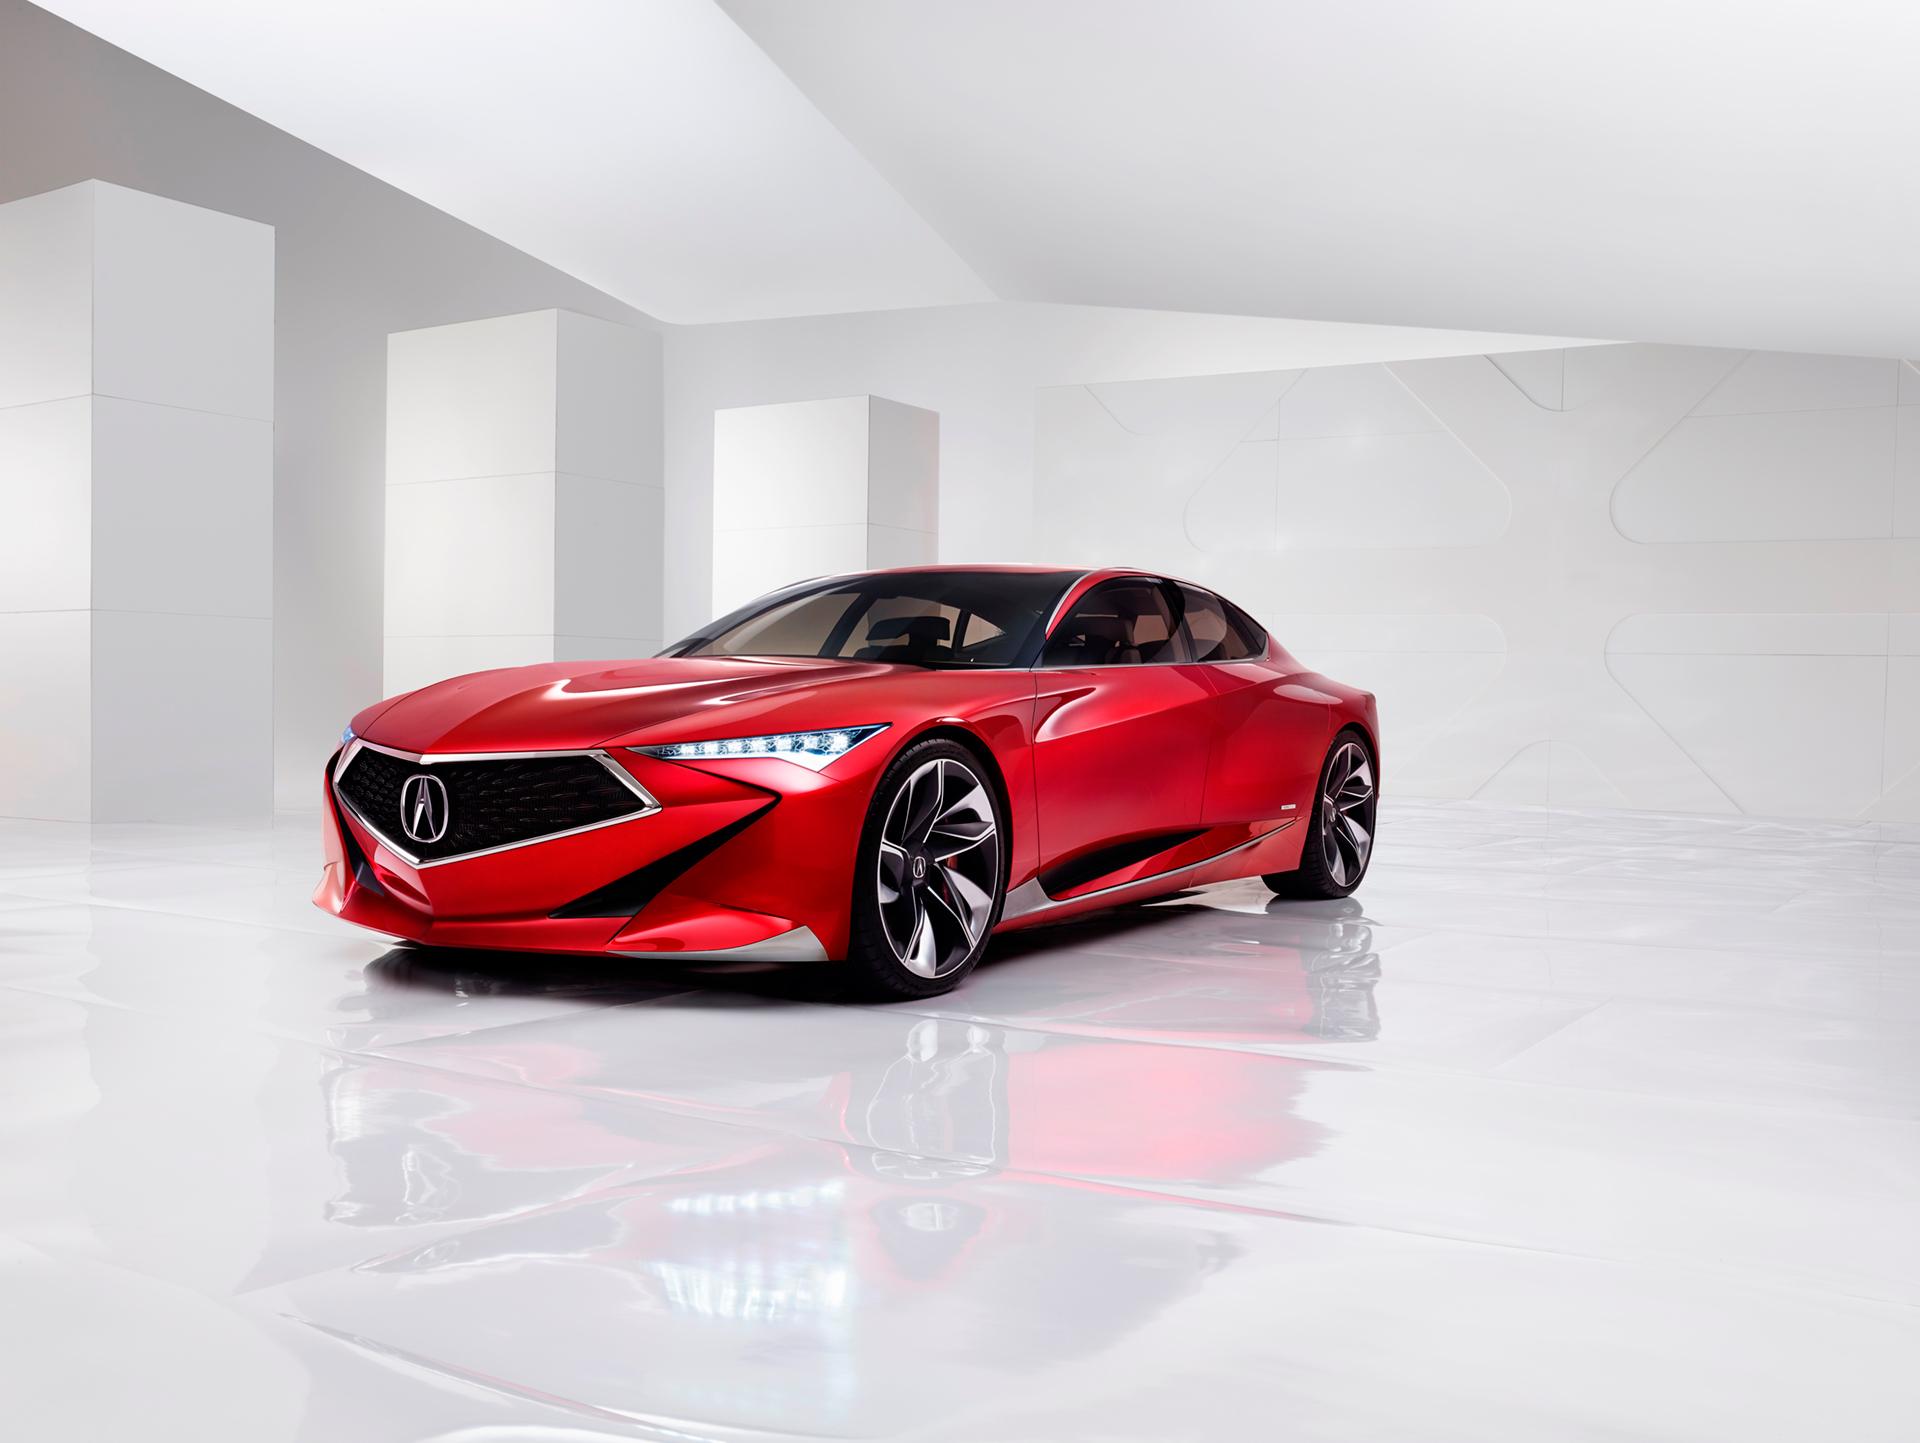 Acura Precison Concept - 2016 - front side-face / profil avant